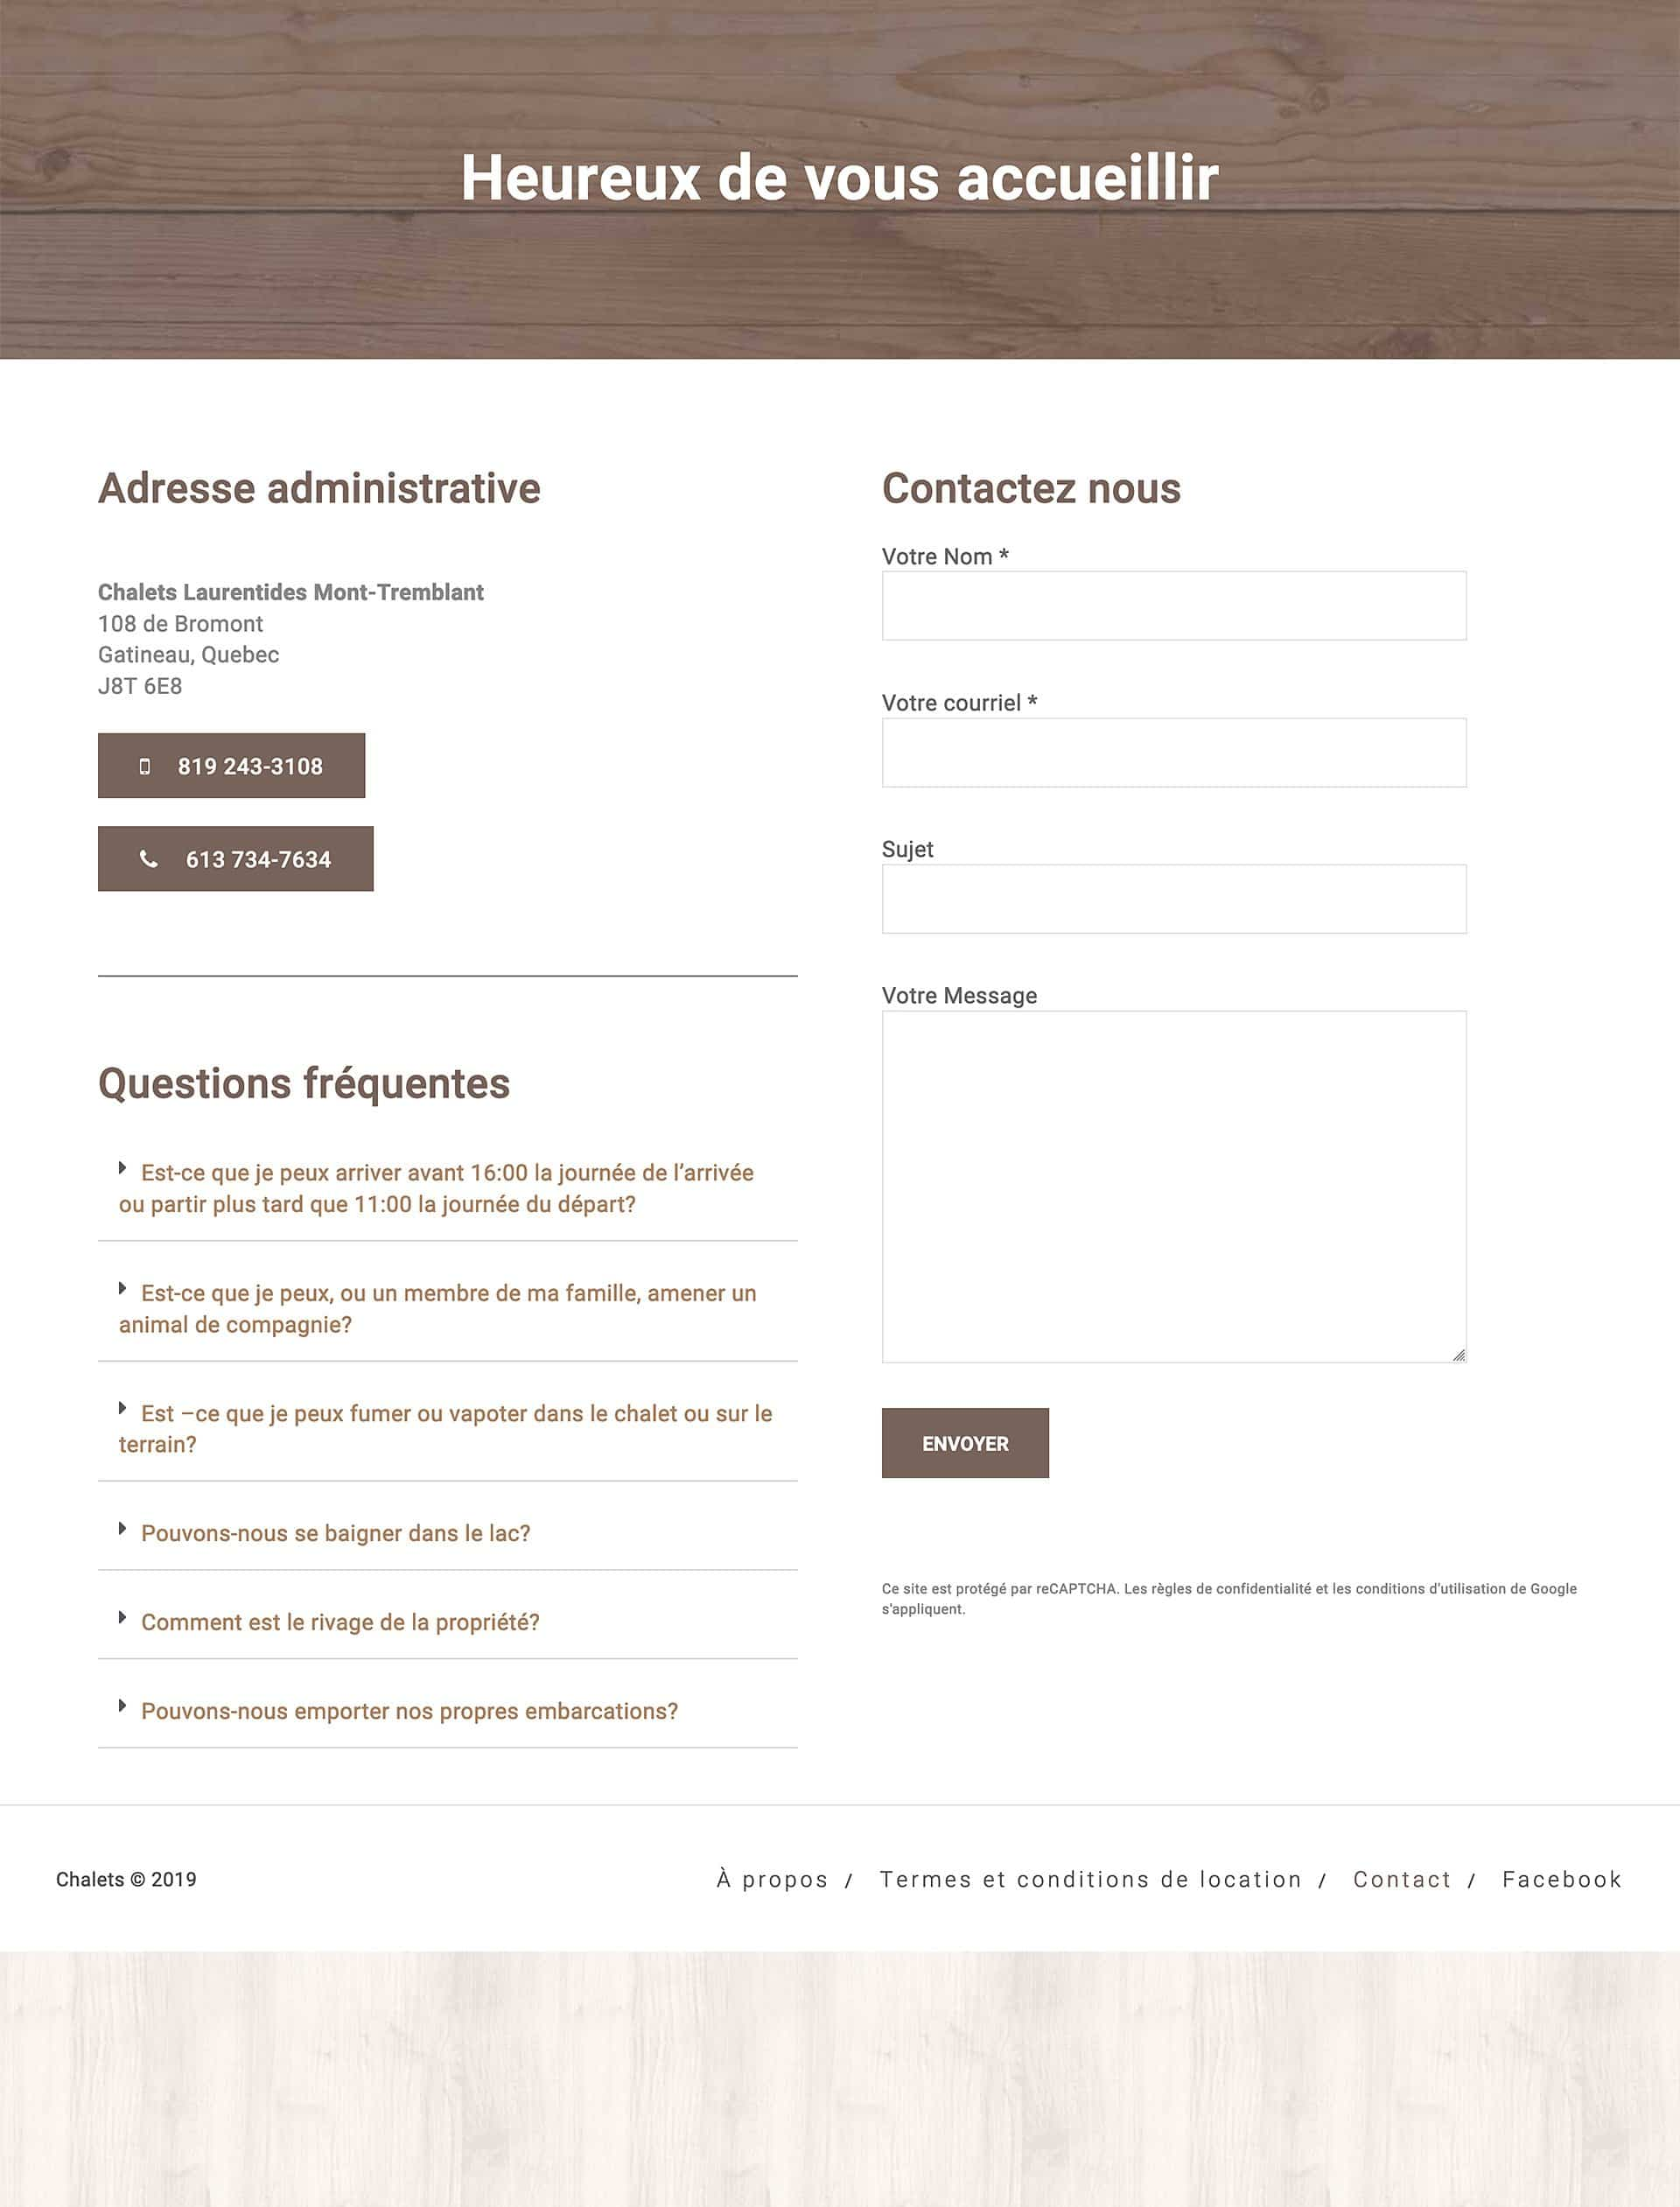 chalet-laurentides-site-web-5 Chalets Mont-Tremblant - Site